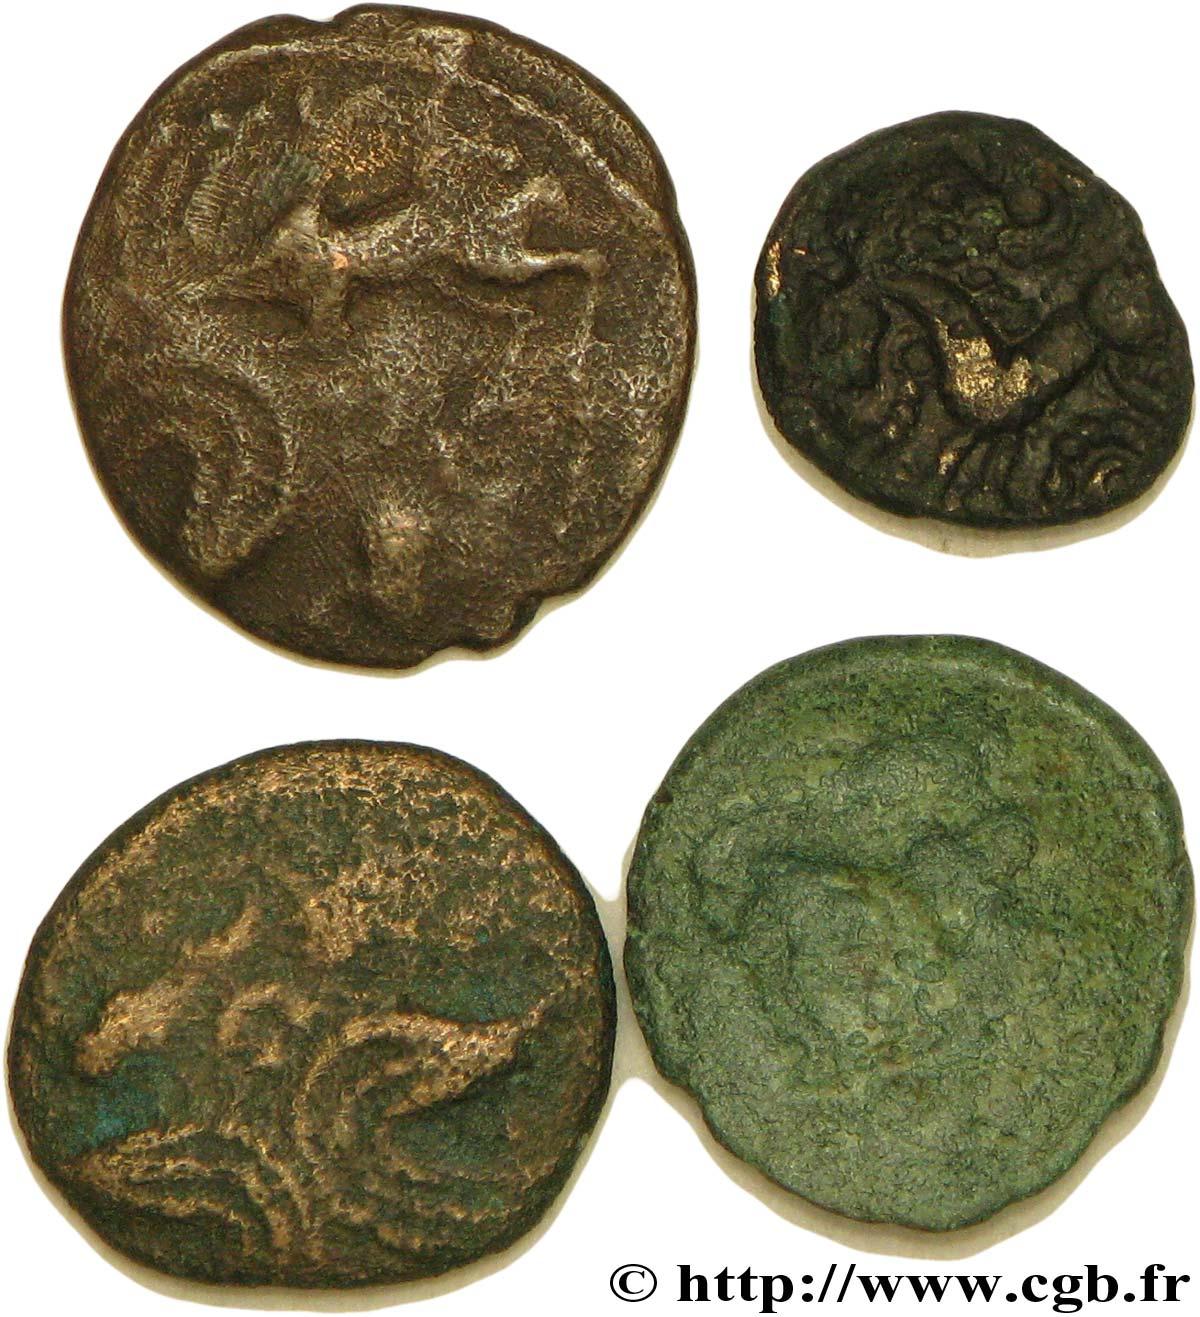 Gallo-Belgian / Celtic Lot de 3 bronzes et 1 quart de statère en bronze